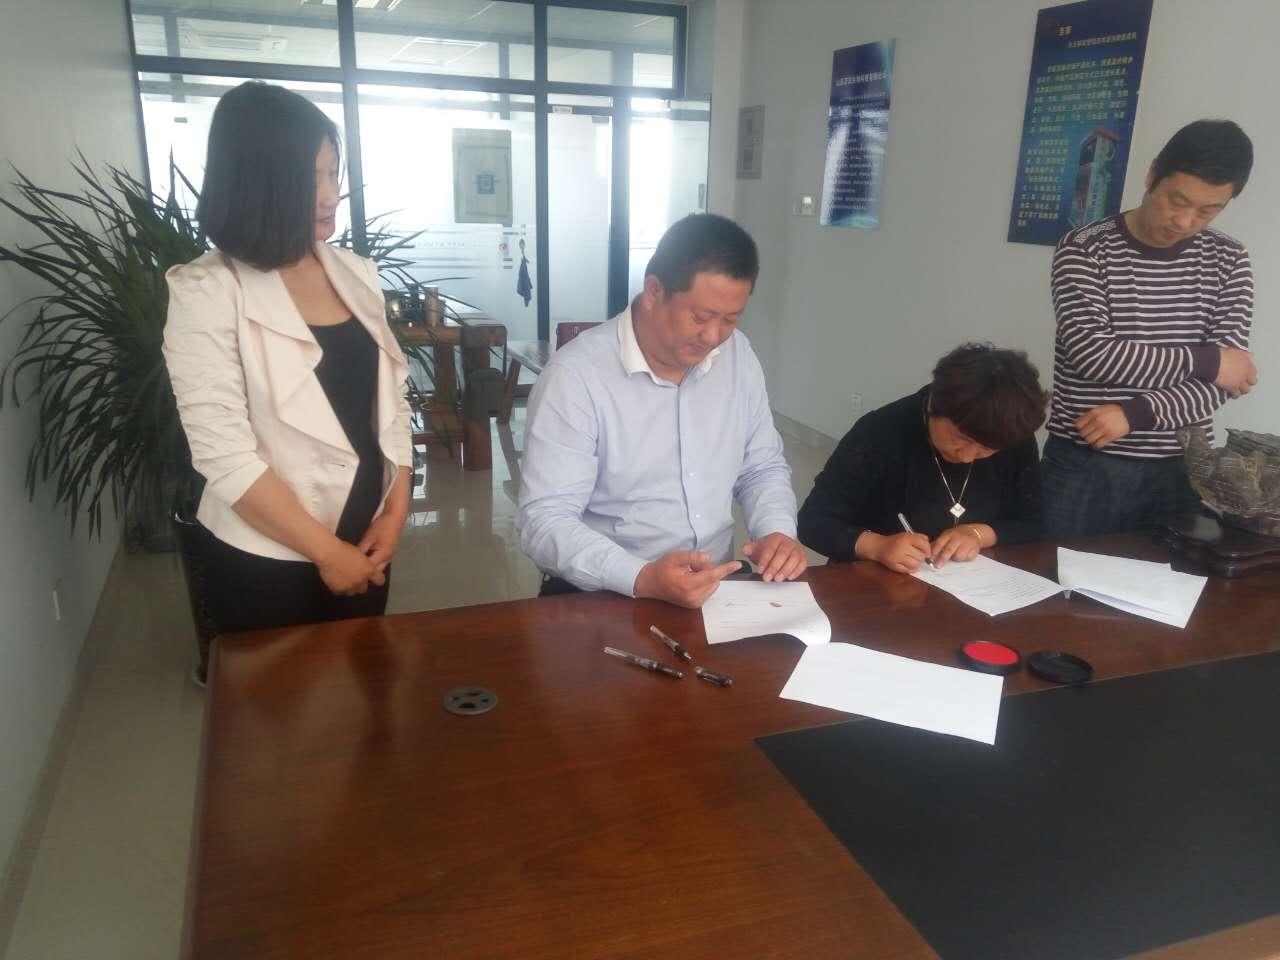 吉家生物科技有限公司与陈静云女士签署战略协议